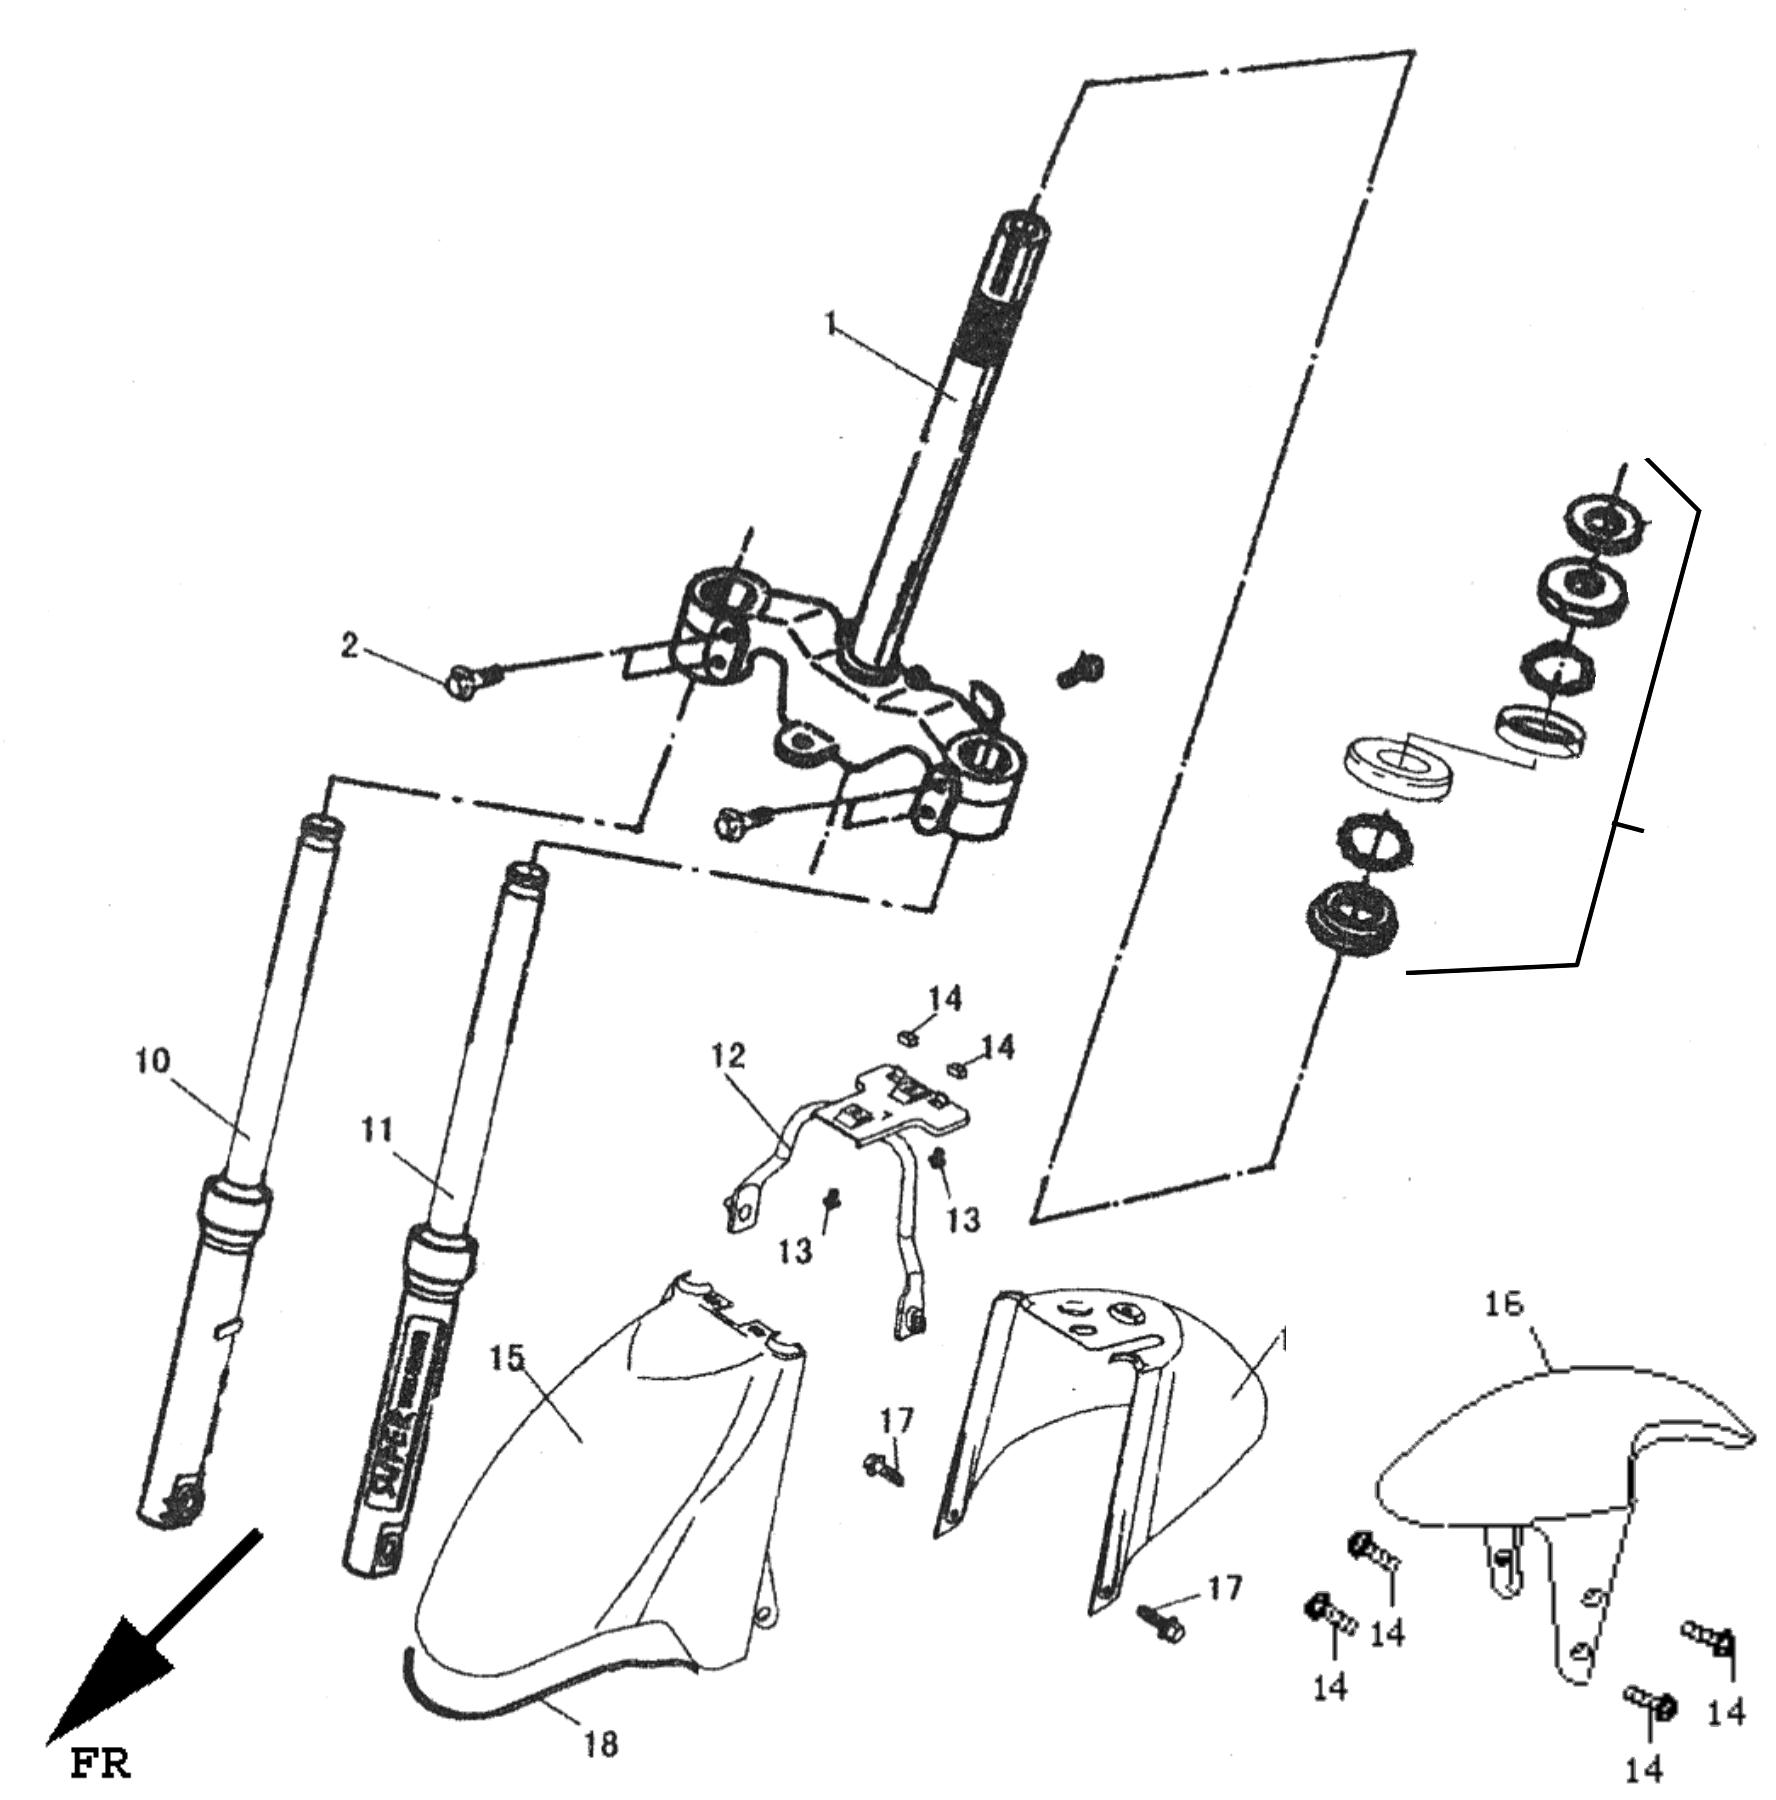 Vorderradgabel Scheibenbremse Kotflgel Vorn Rahmen Aufbau Peugeot Transmission Diagrams Baugruppen V Clic Laeagz4 Roller Ersatzteile Quad